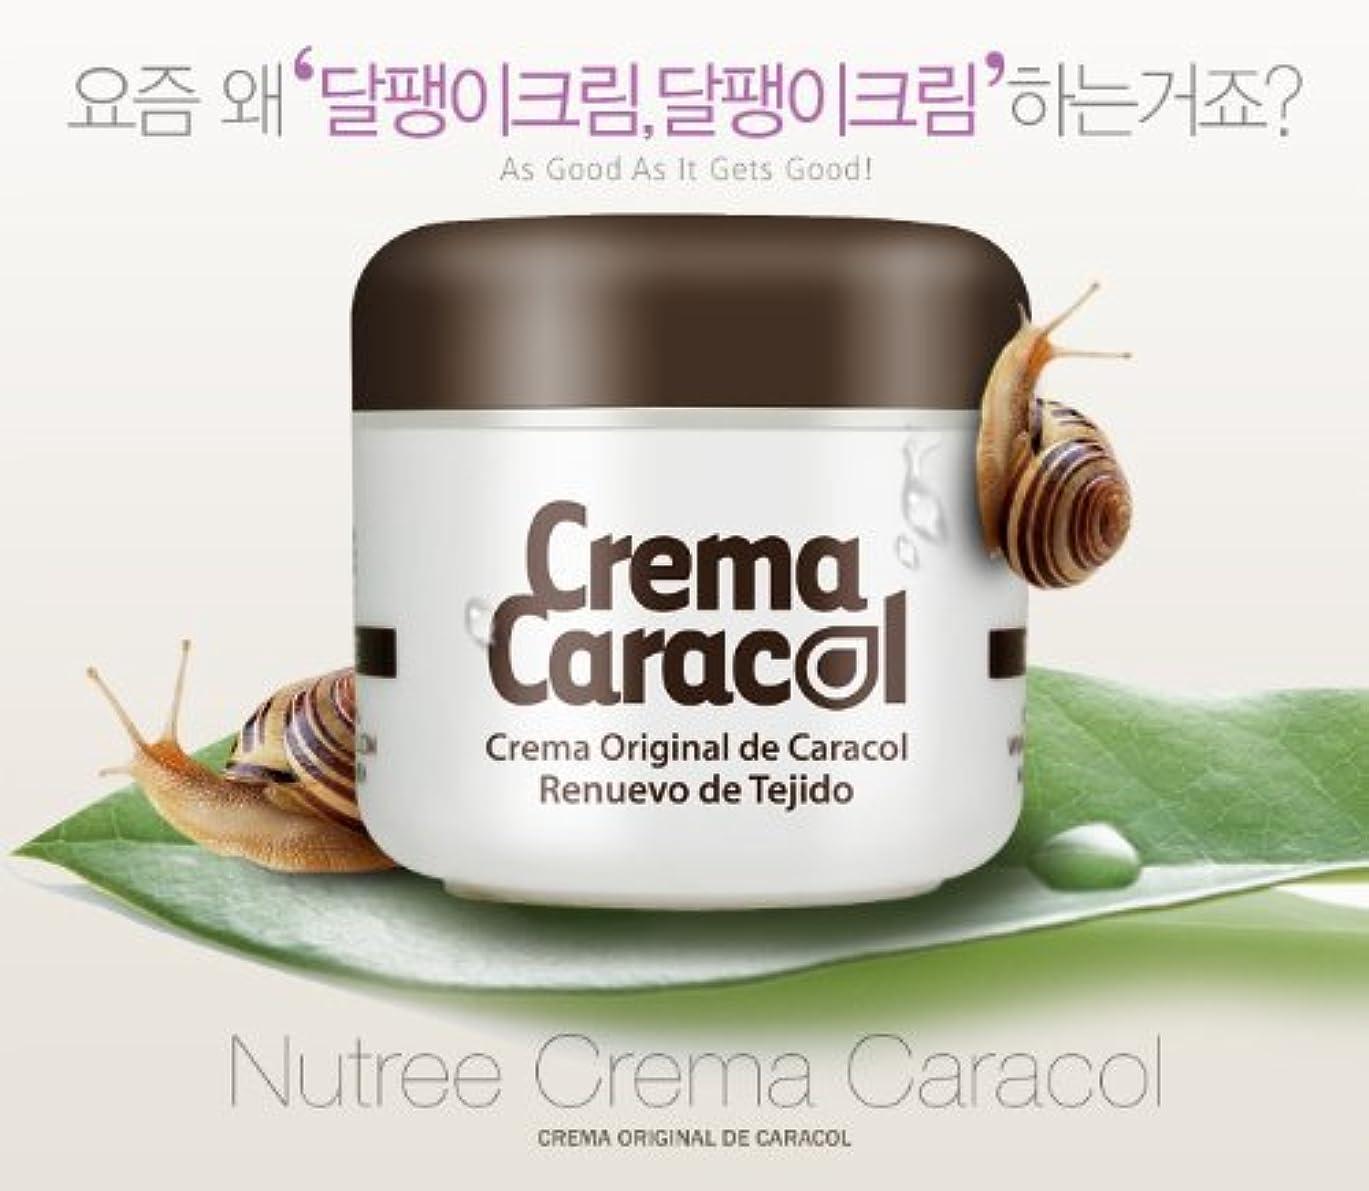 事偉業ジャンピングジャックcrema caracol(カラコール) かたつむりクリーム 5個セット